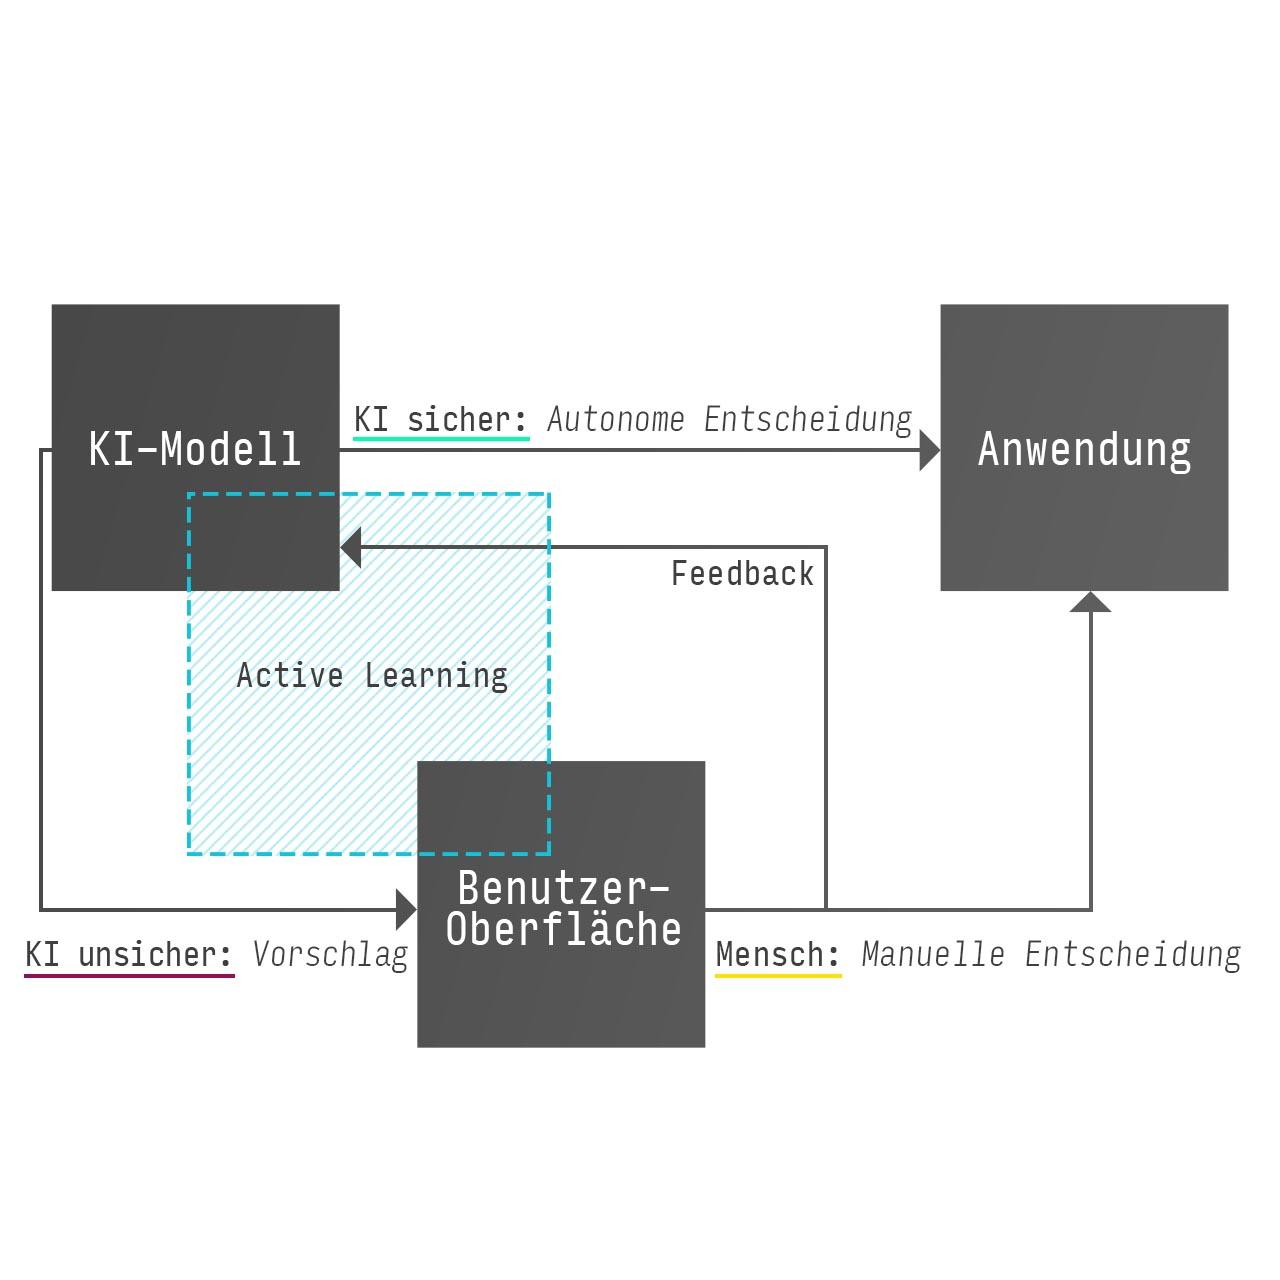 Kontinuierlich lernende KI durch Nutzer-Feedback